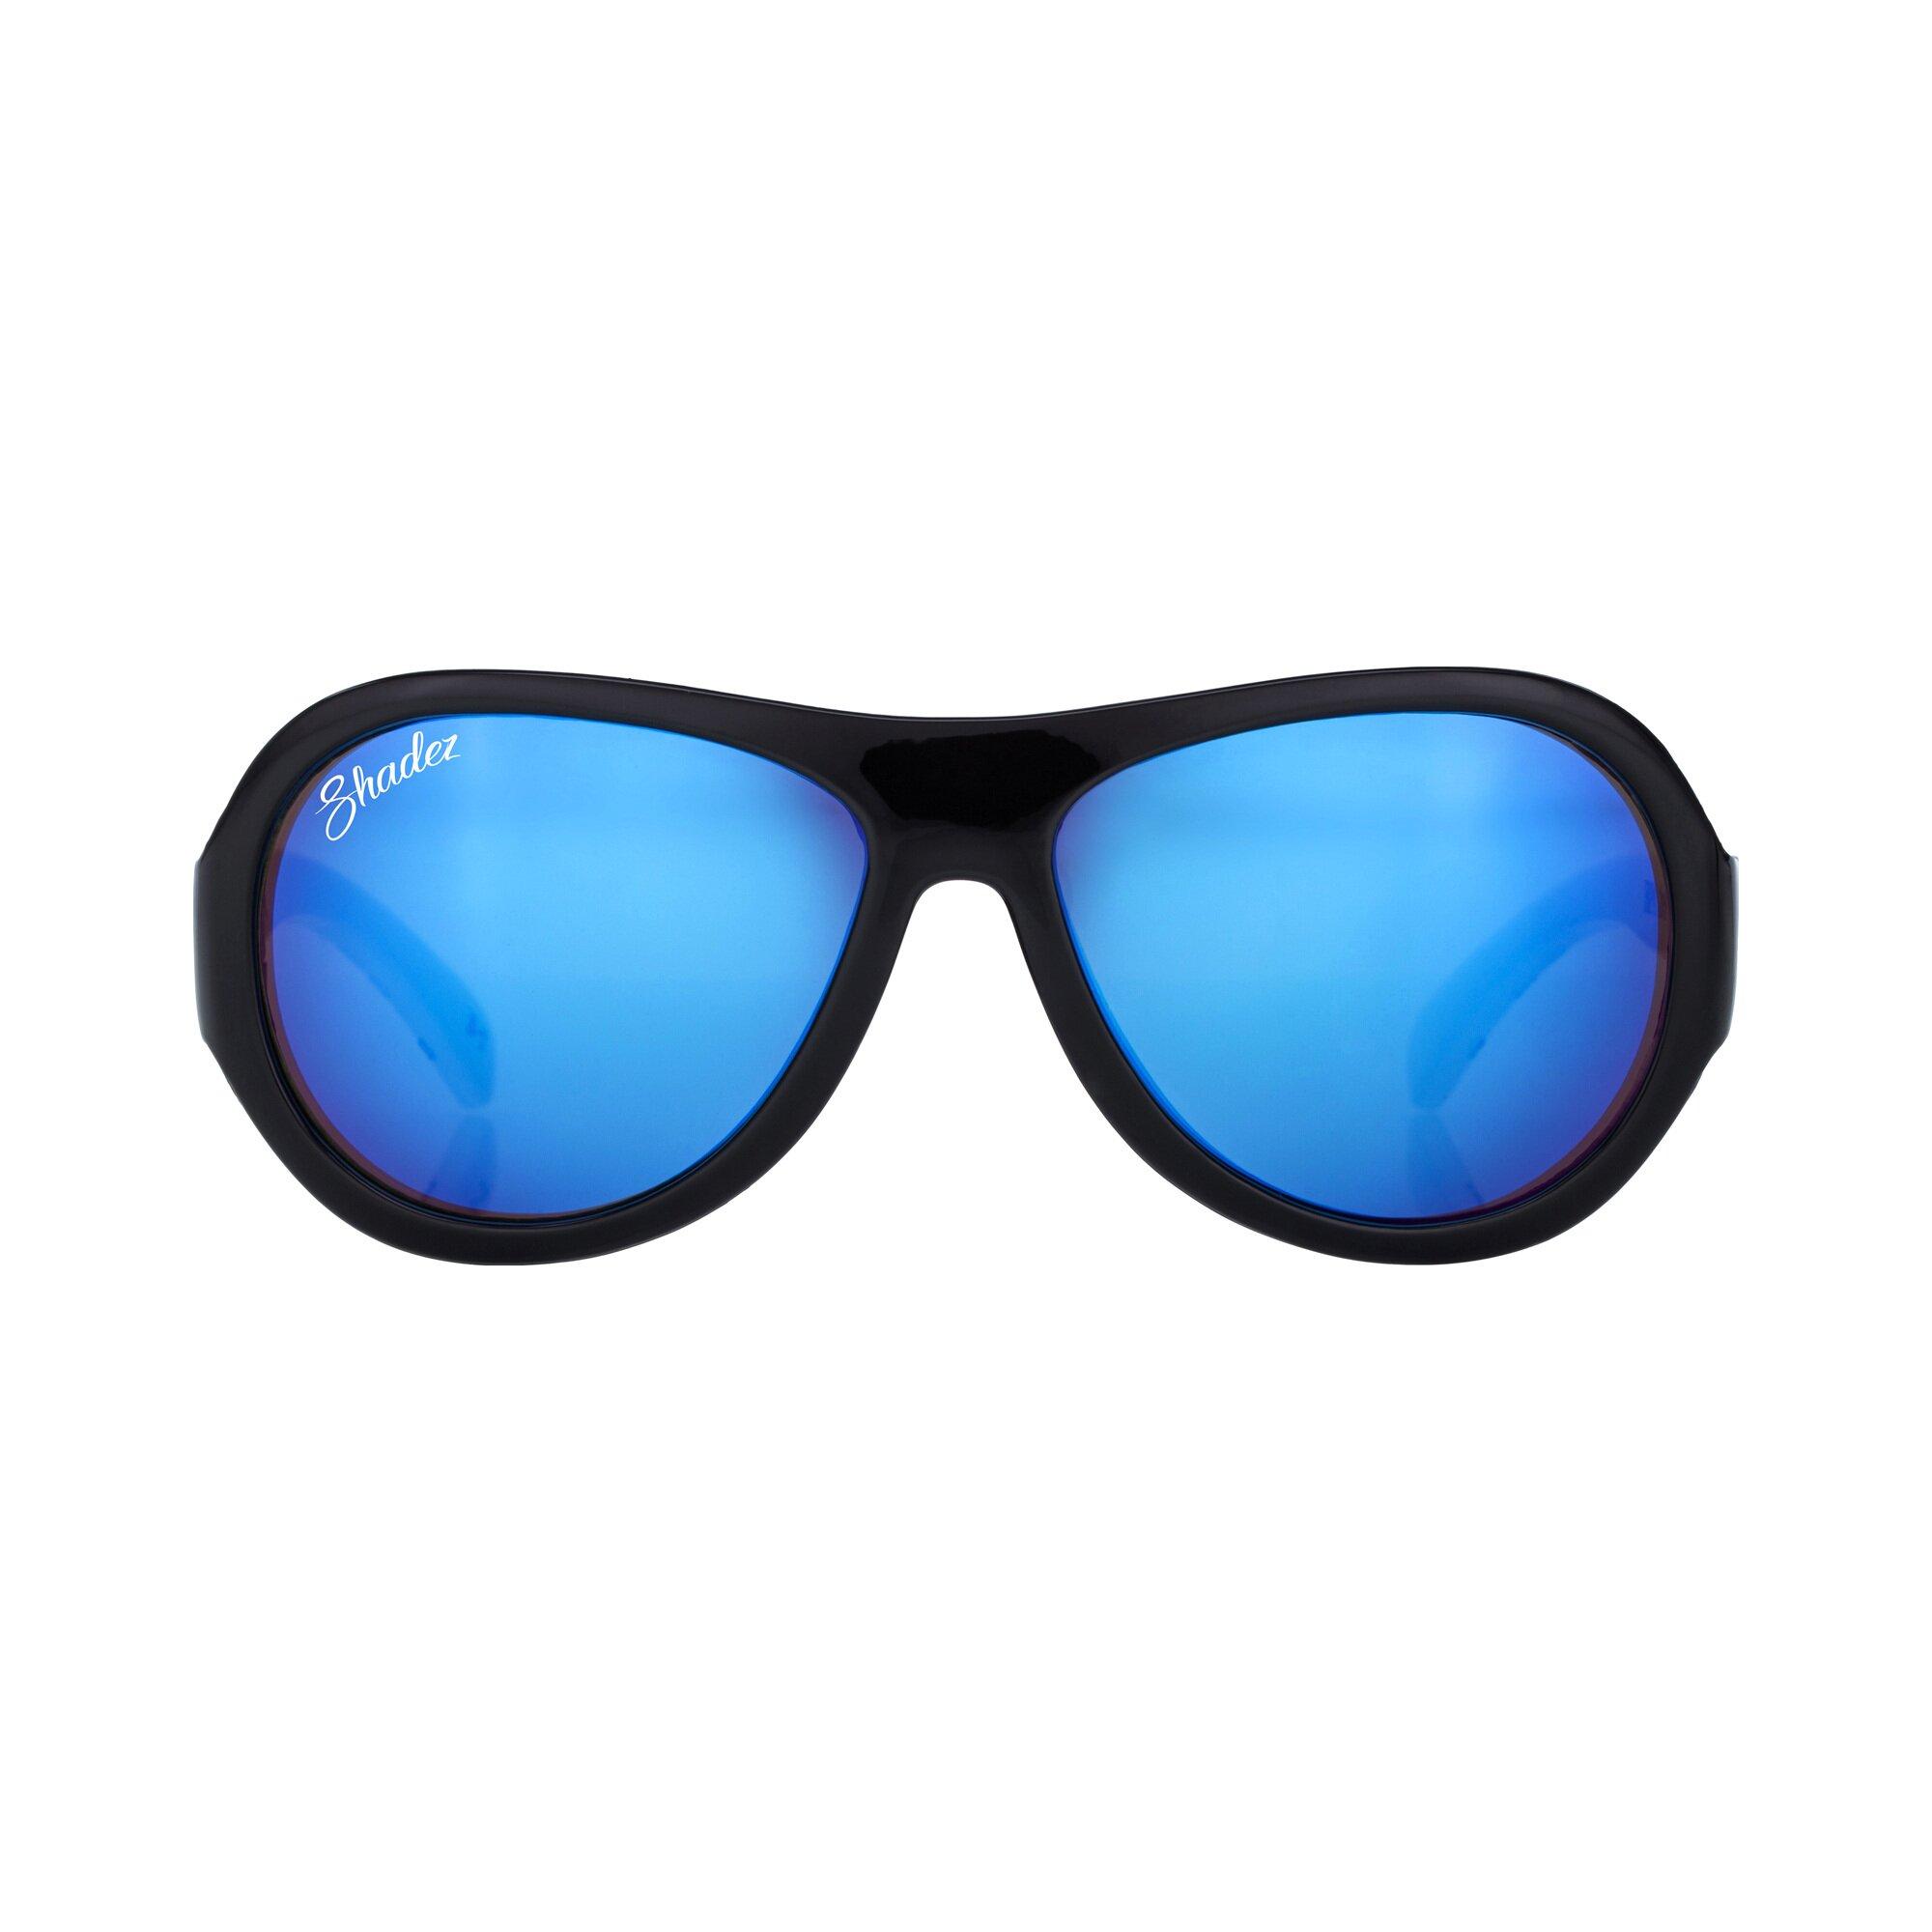 shadez-sonnenbrille-junior-3-7-jahre